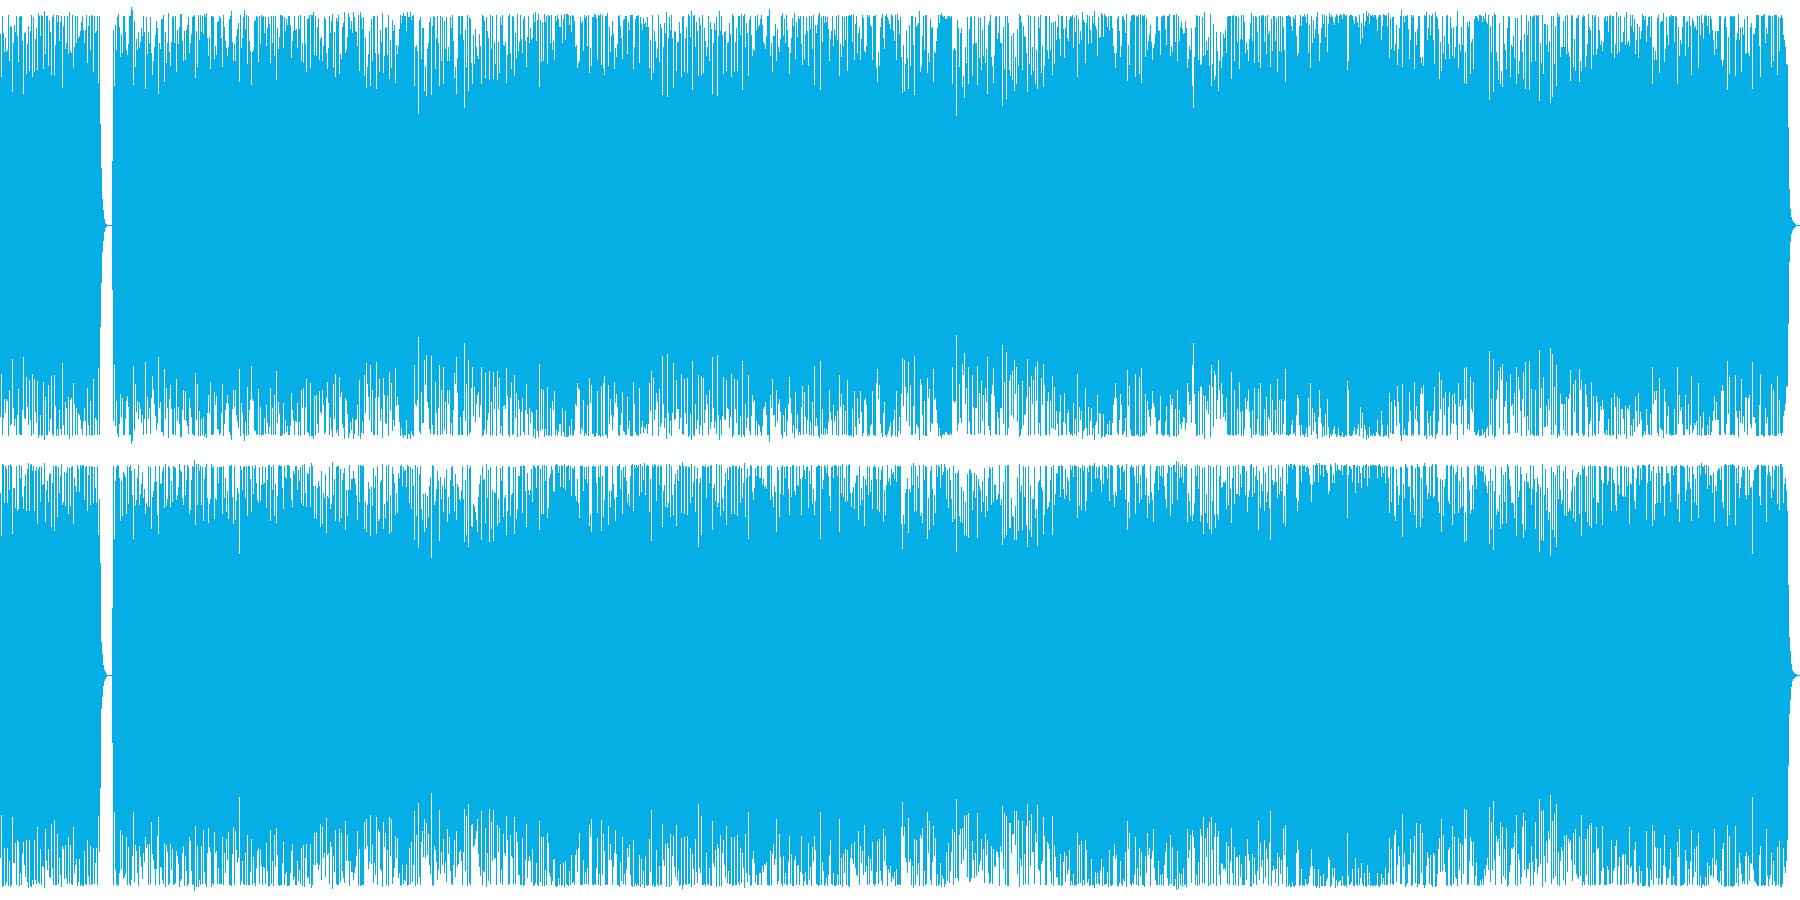 メタル戦闘曲 ダークフィールド ロング版の再生済みの波形